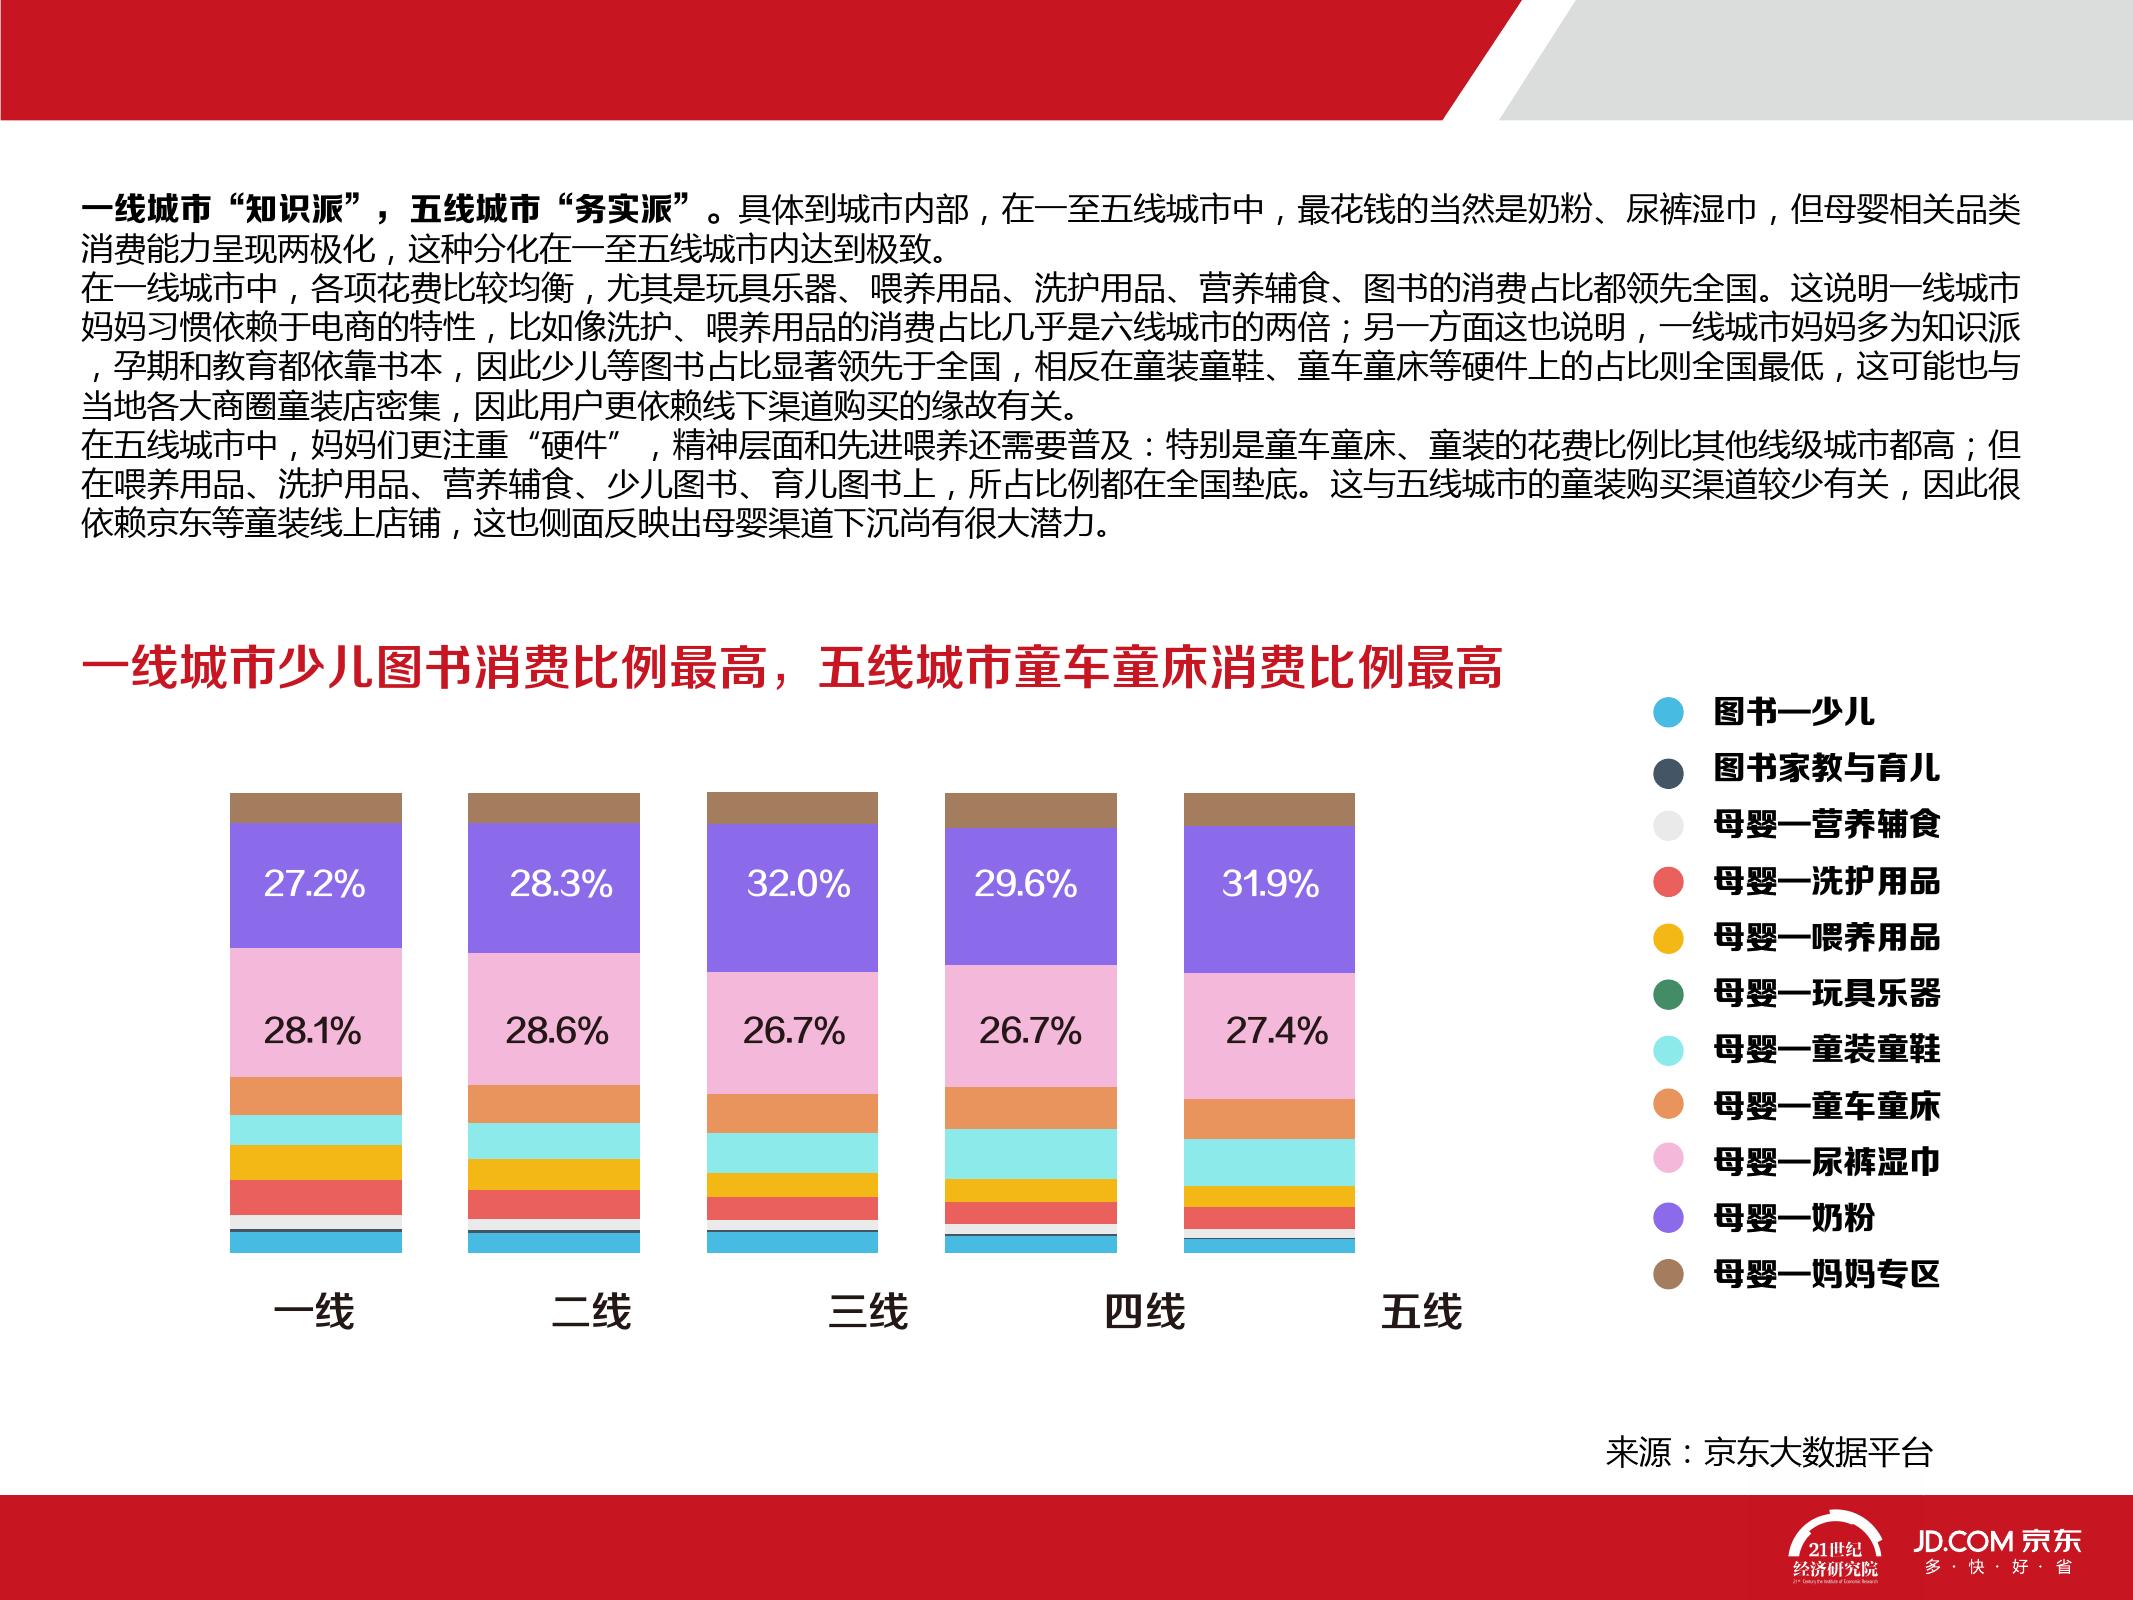 2016中国母婴产品消费趋势报告_000026